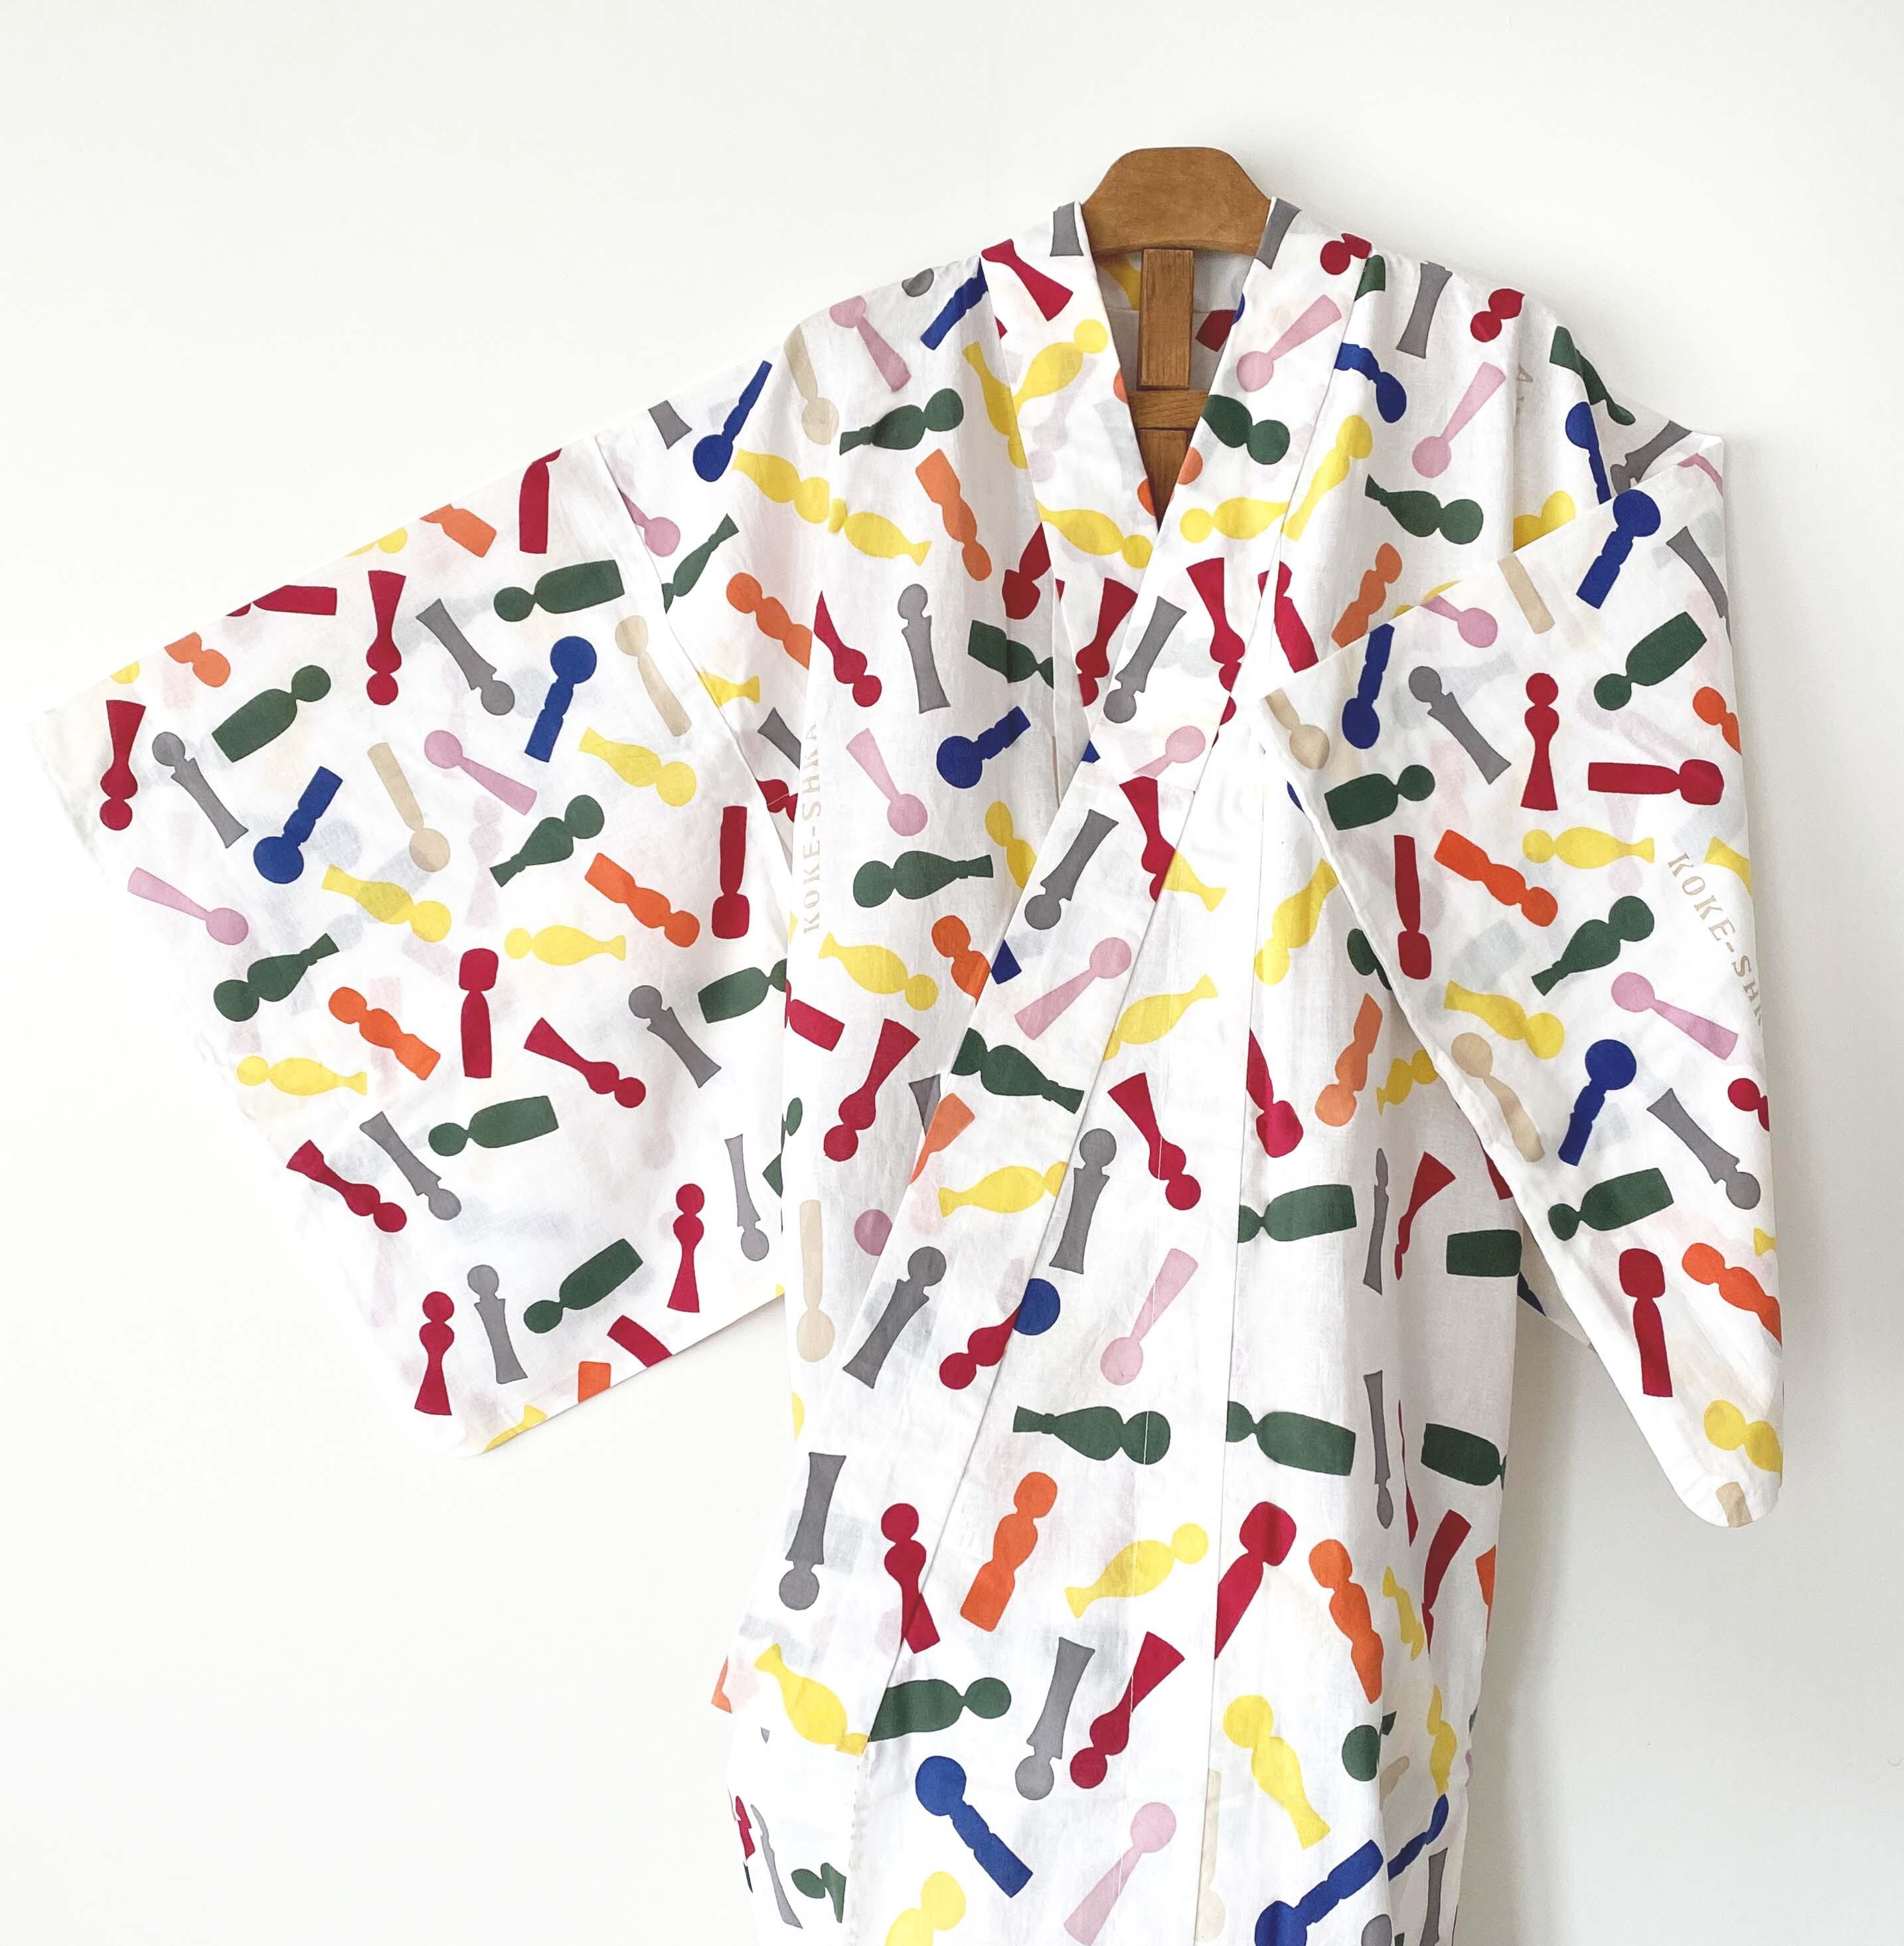 コケーシカオリジナル浴衣(特製うちわ付き)